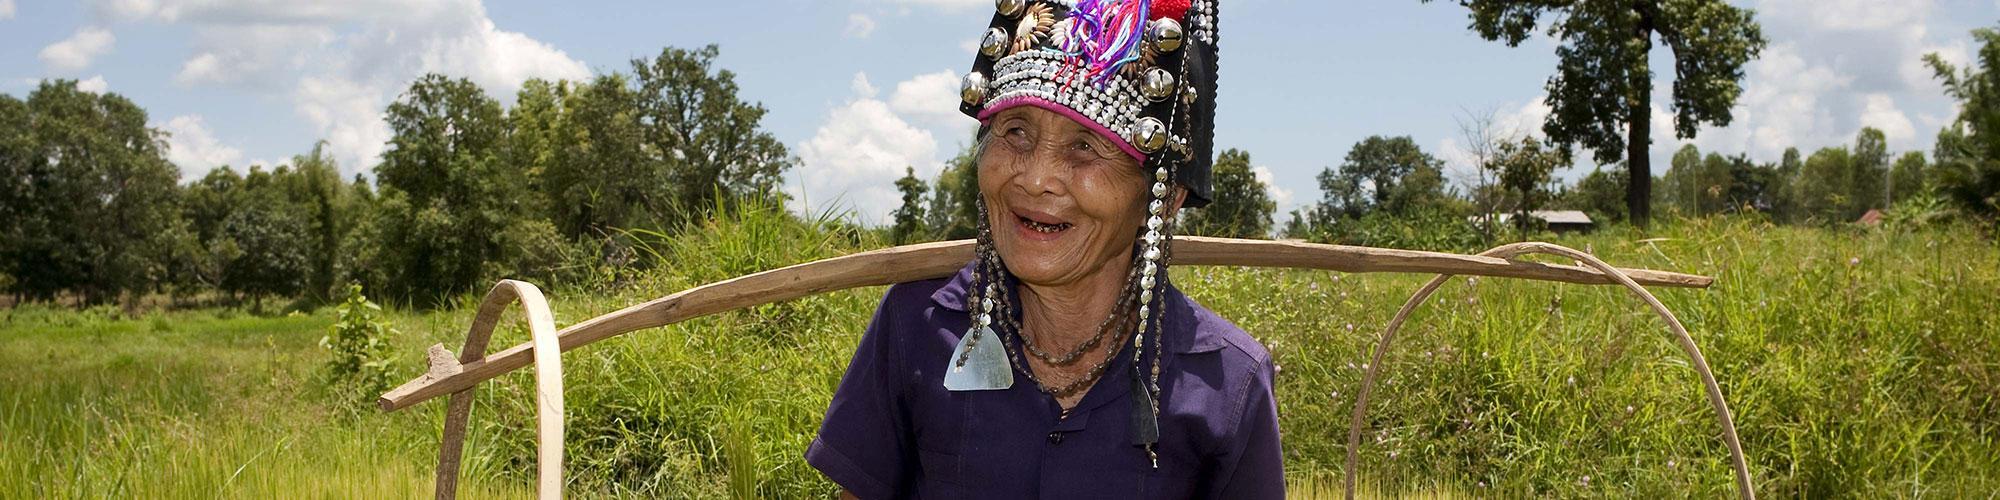 Laotian Filed Worker Traditional Headgear